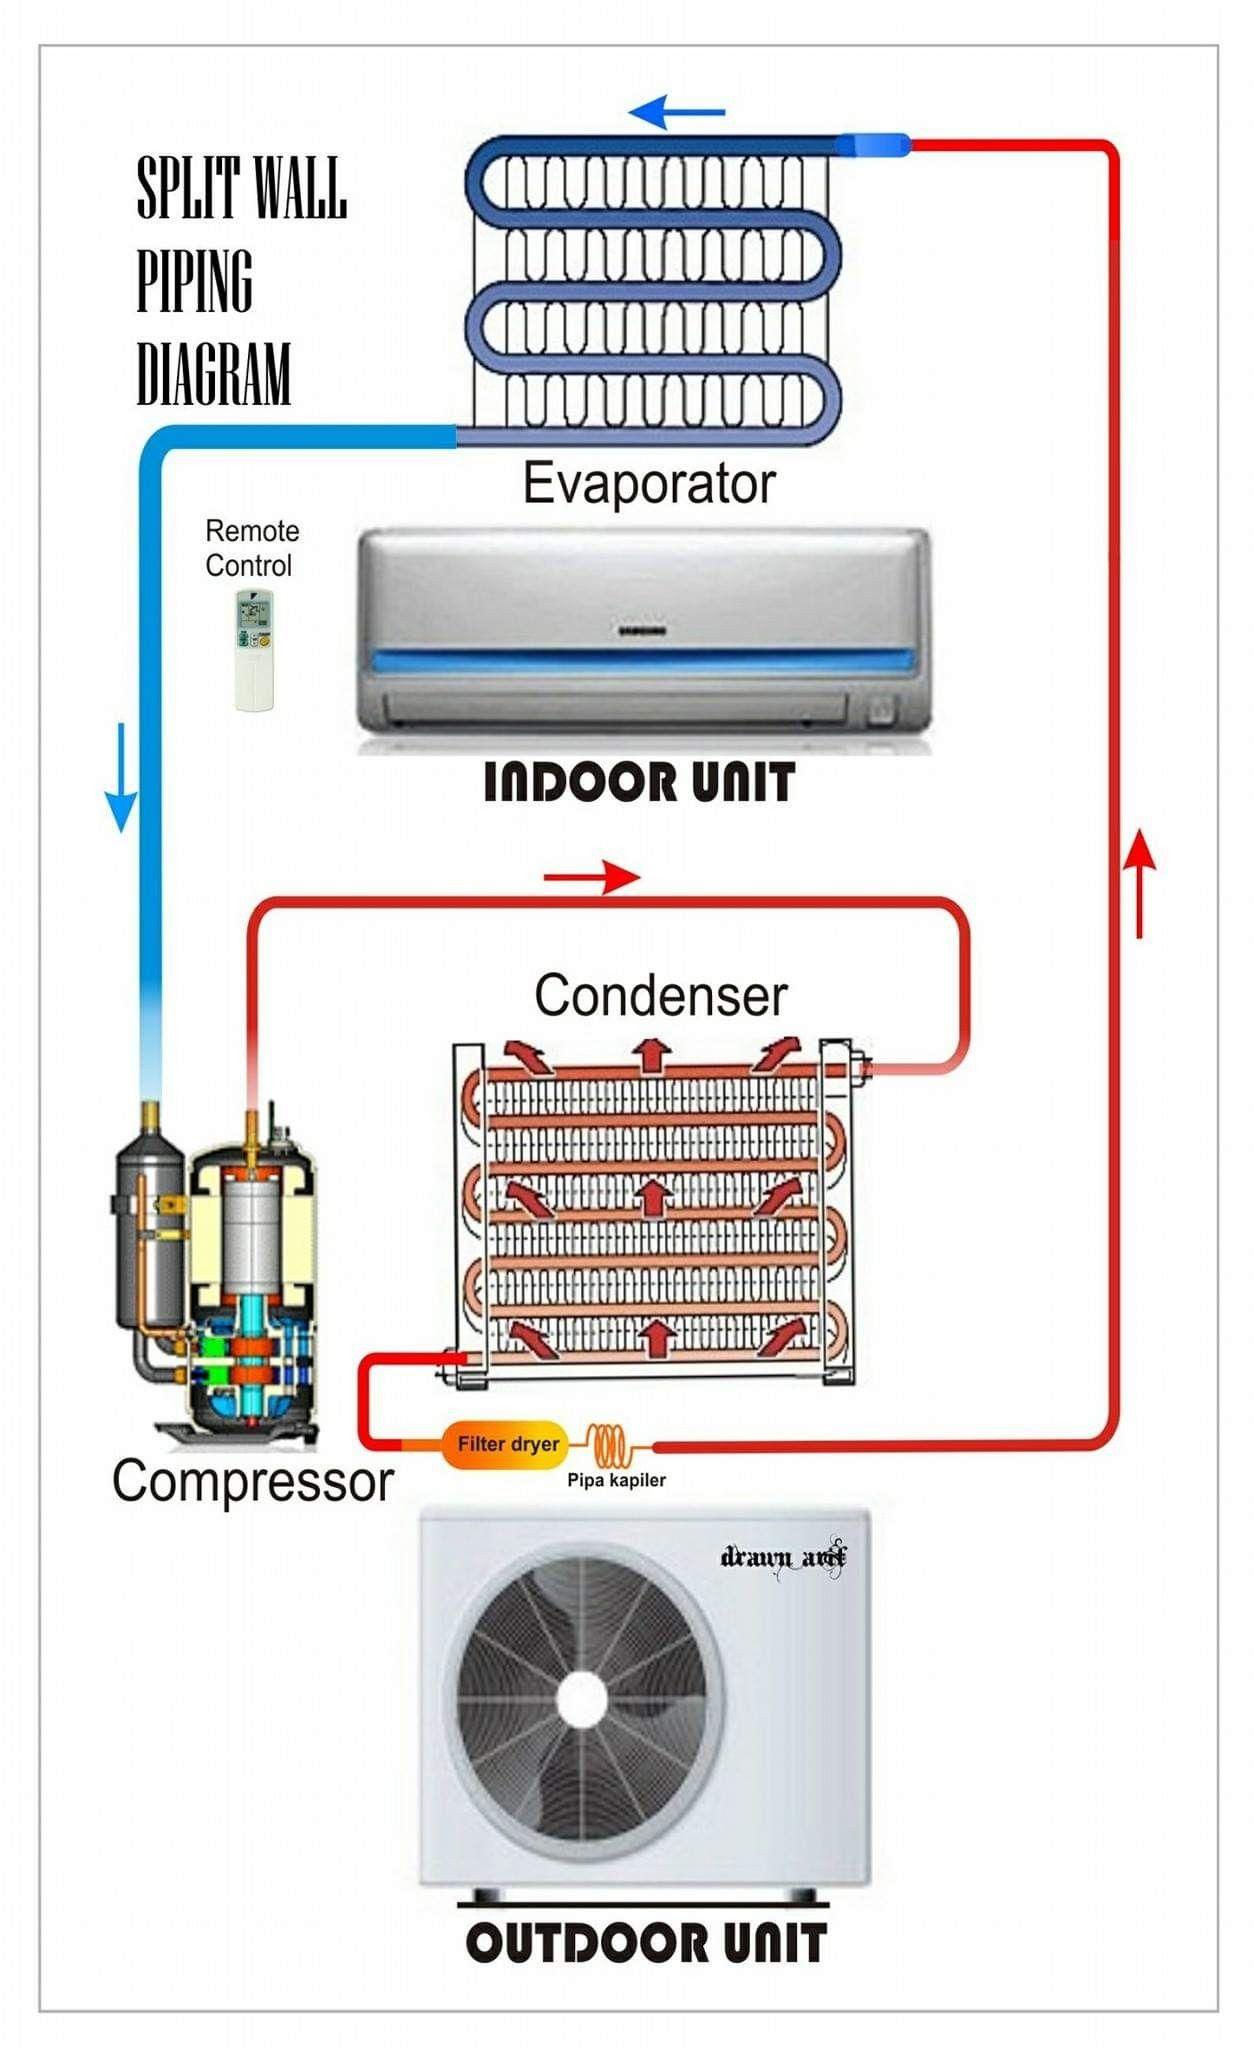 medium resolution of split wall piping diagram air conditioning system in 2019 split wall piping diagram